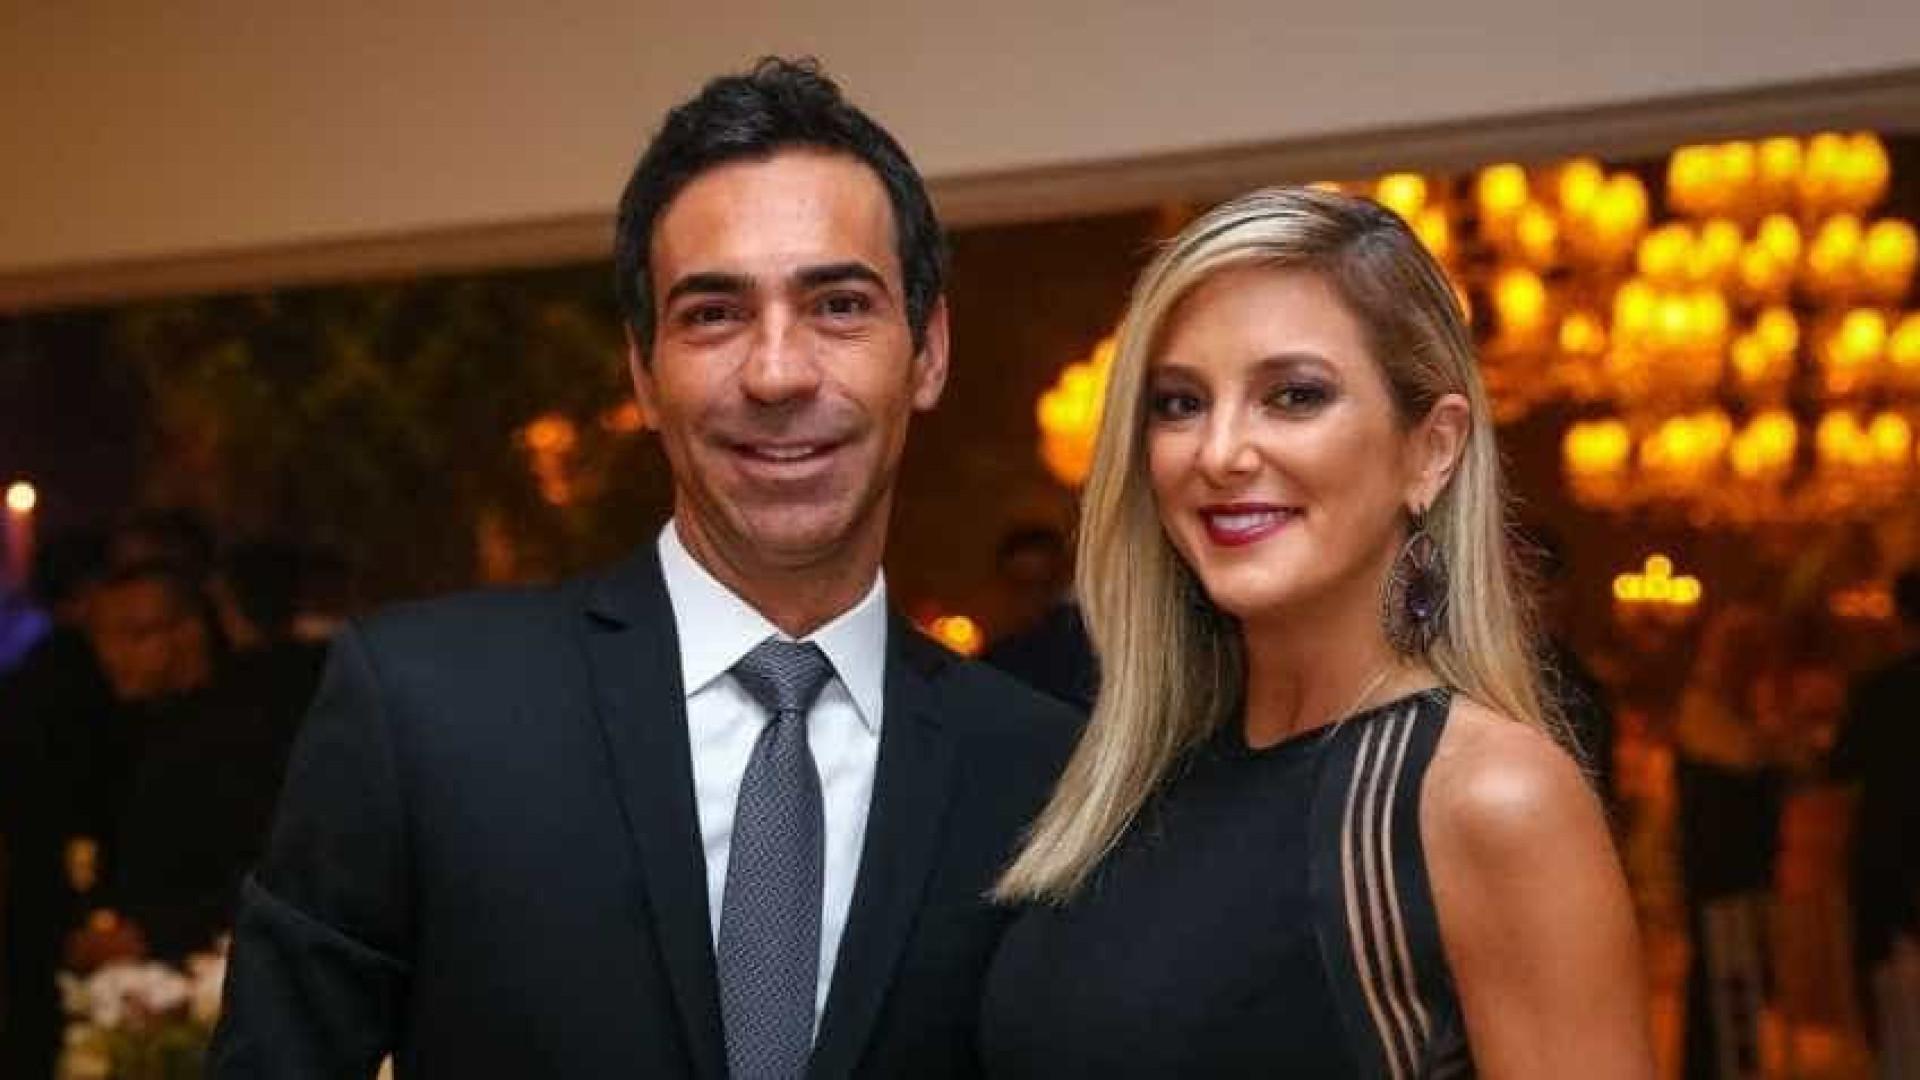 Ticiane e César Tralli já se casaram no civil em segredo, diz revista